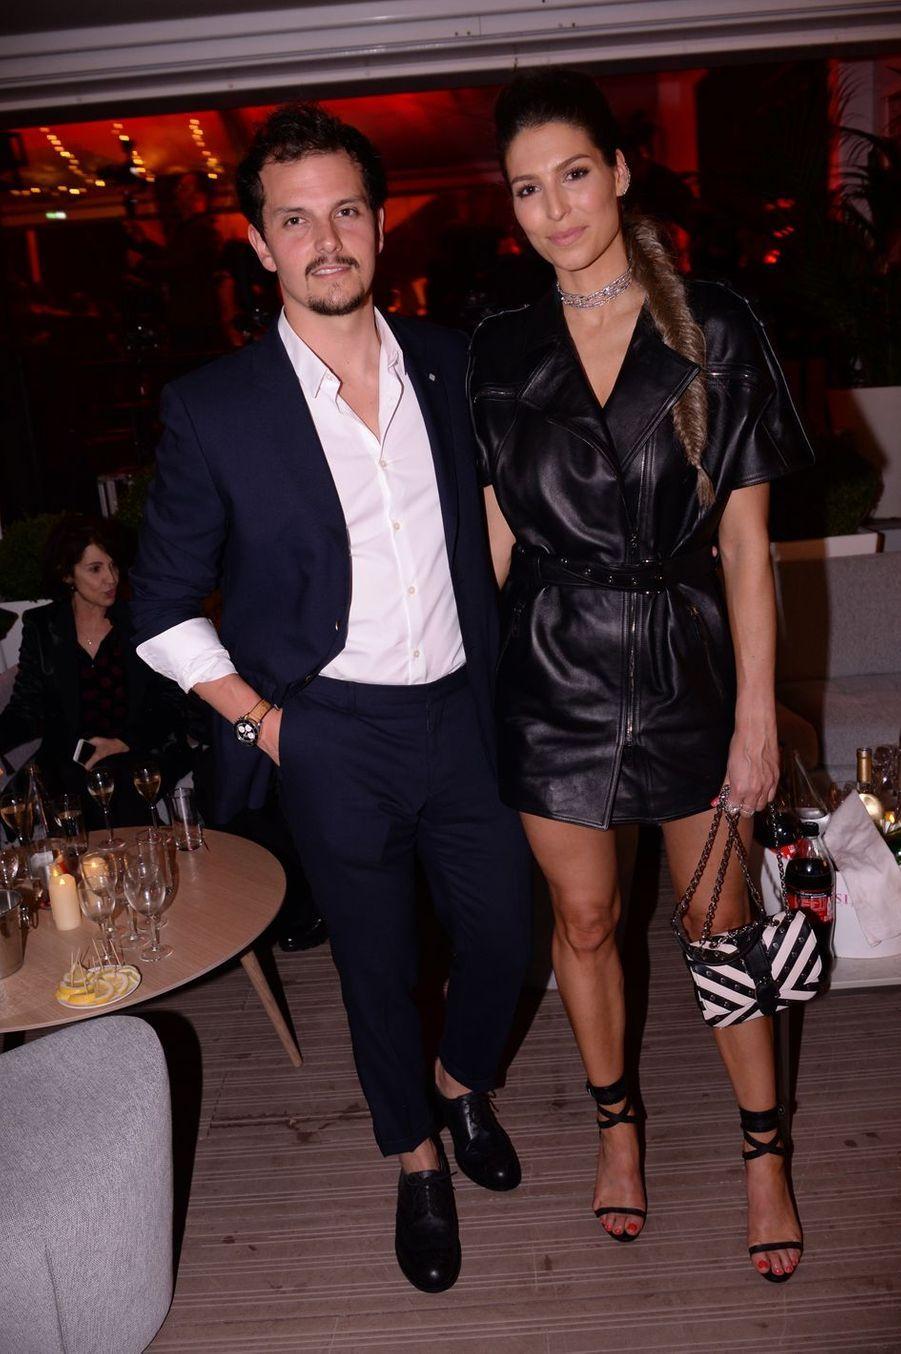 Laury Thilleman et son compagnon Juan Arbelaezlors de la soirée Orange à Cannes, le 18 mai 2019